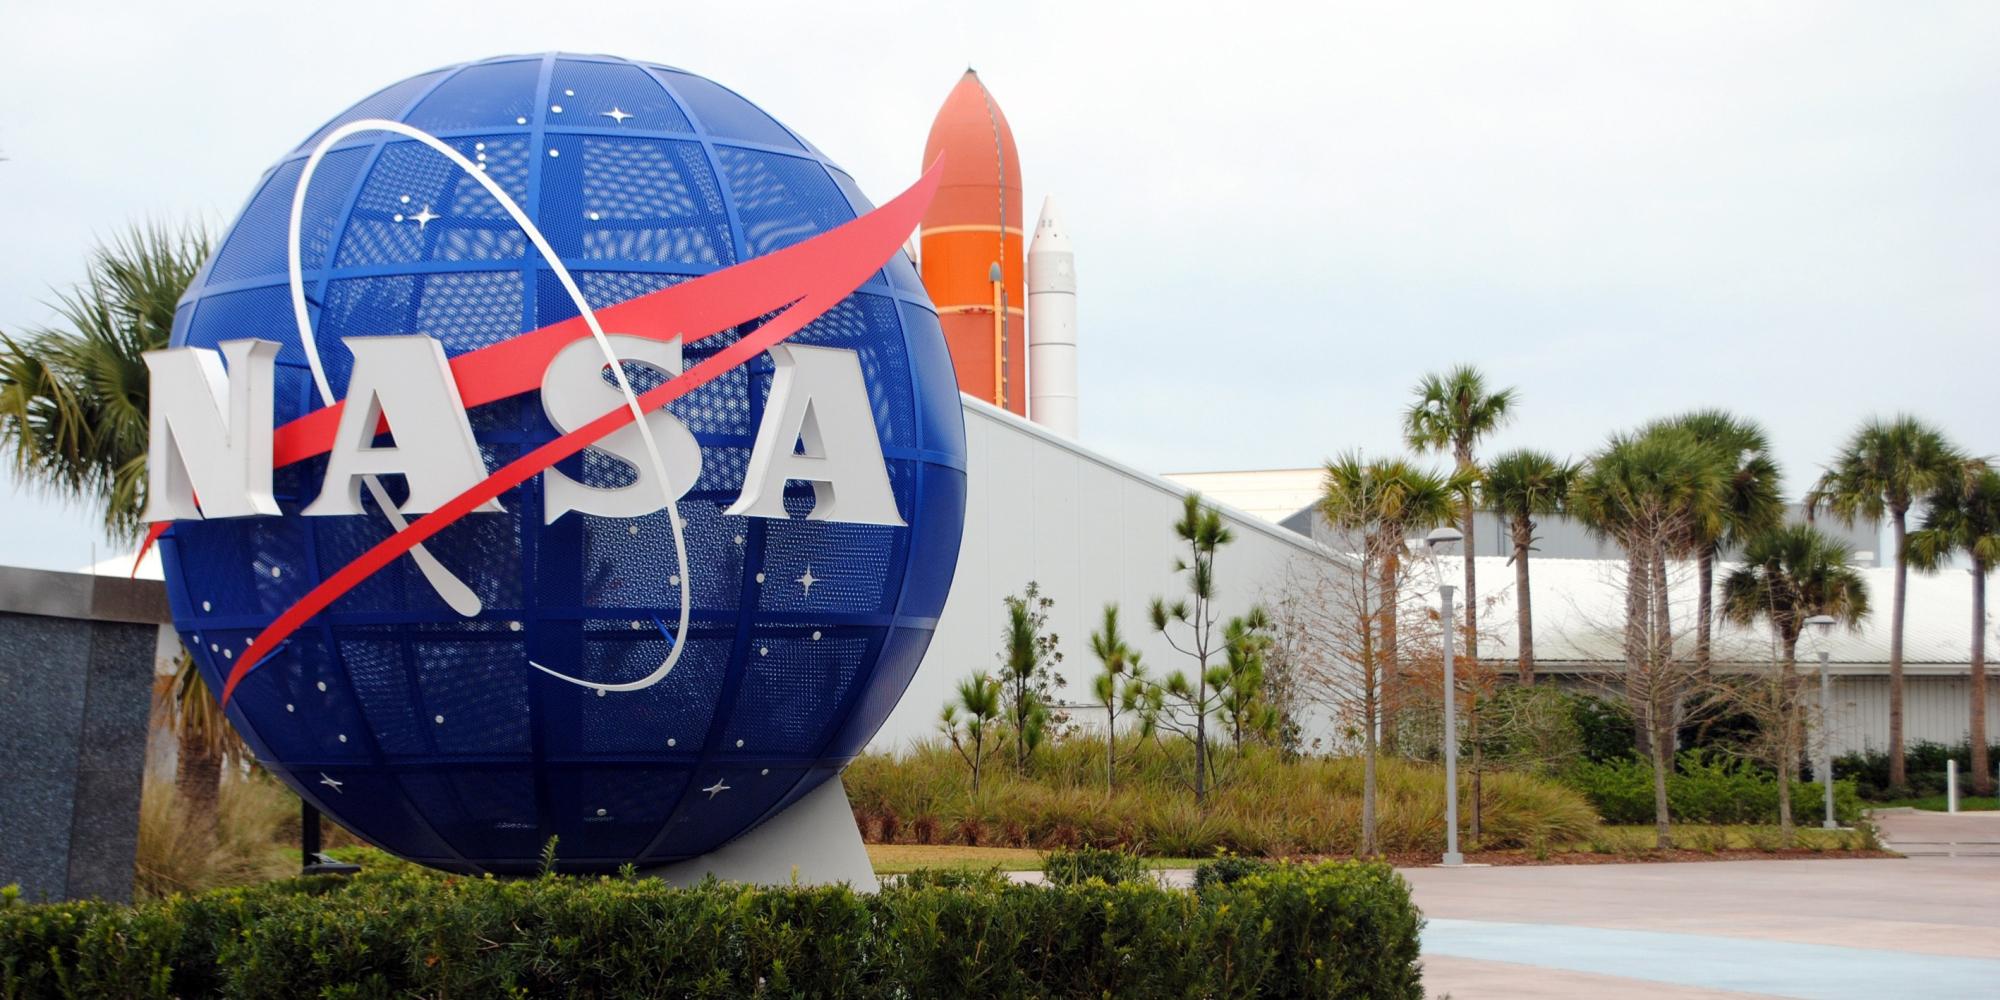 """تلاميذ مغاربة في مسابقة لتصميم المركبات الفضائية من تنظيم وكالة """"ناسا"""""""